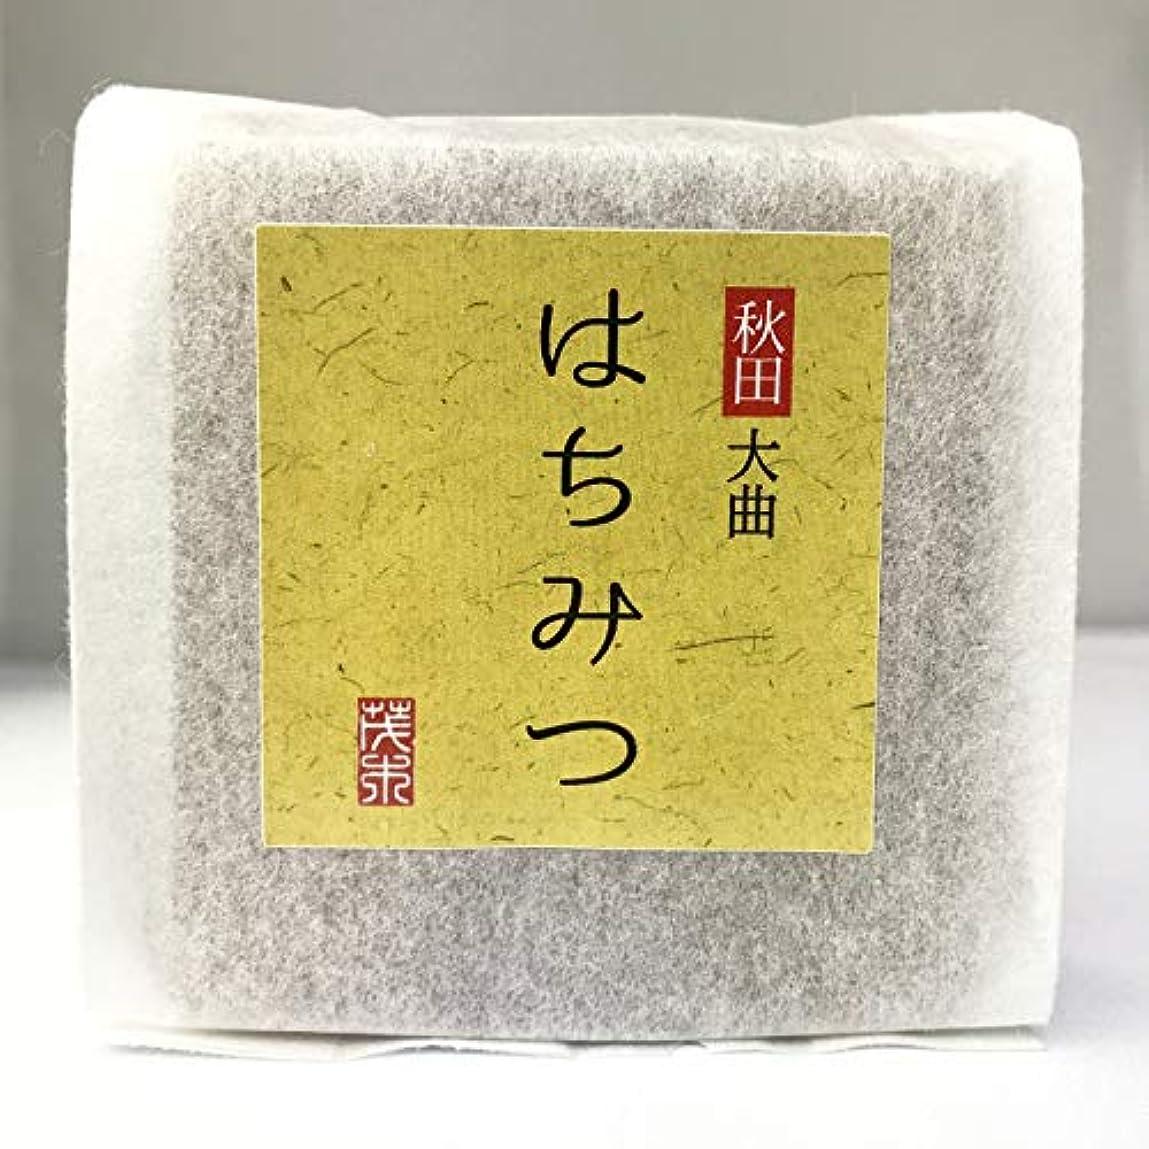 パンチ逆海外無添加石鹸 はちみつ石鹸 100g